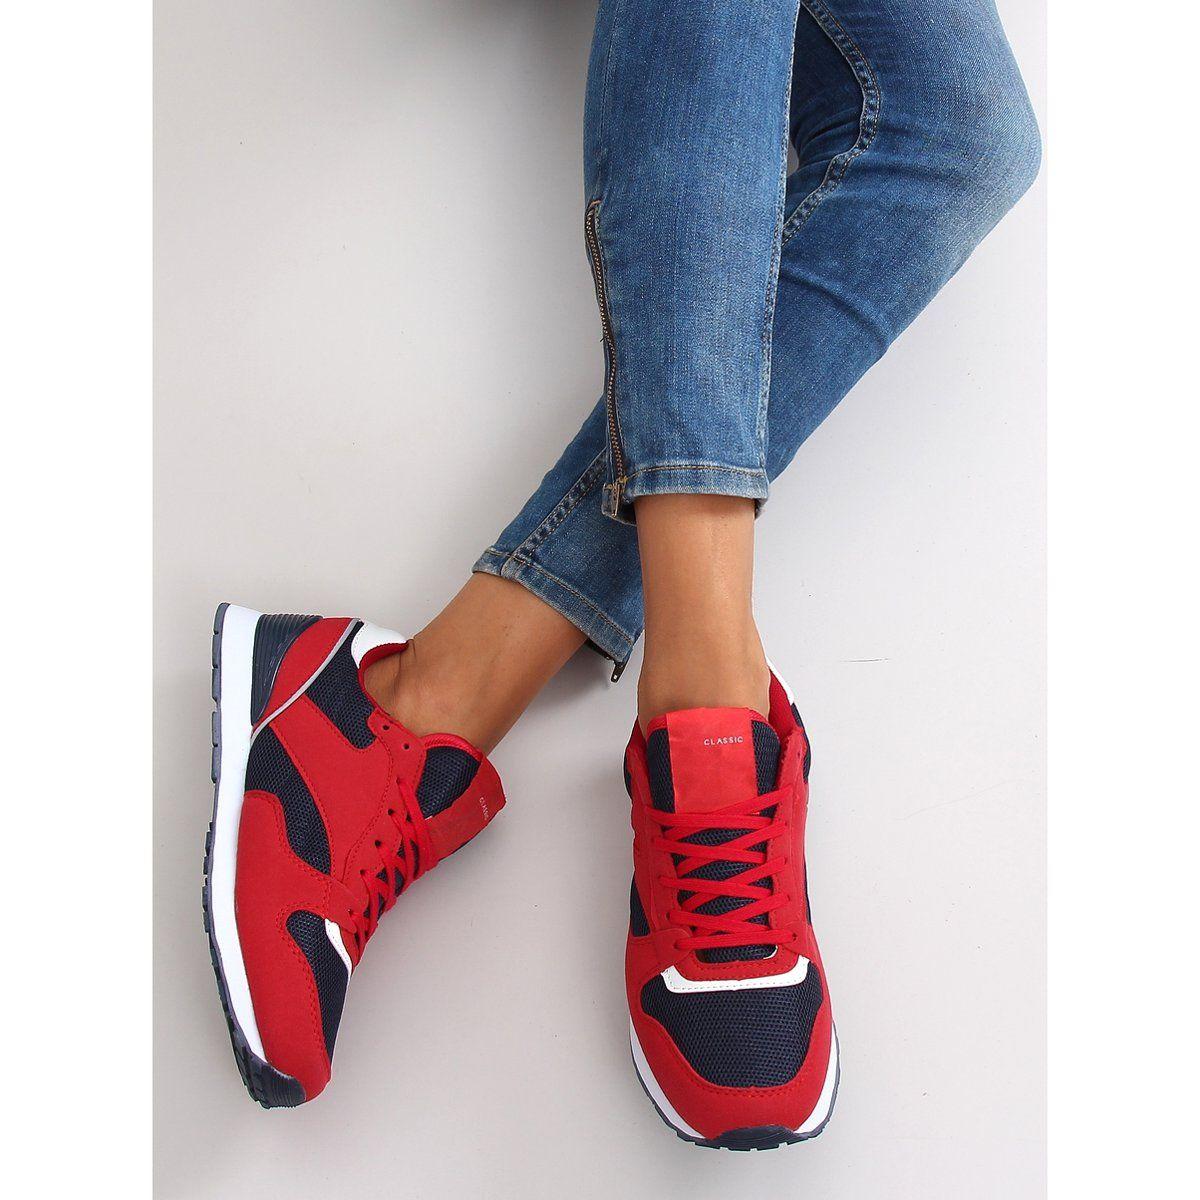 Buty Sportowe Super Wygodne D81 Red Navy Czerwone Sneakers Hummel Sneaker Shoes